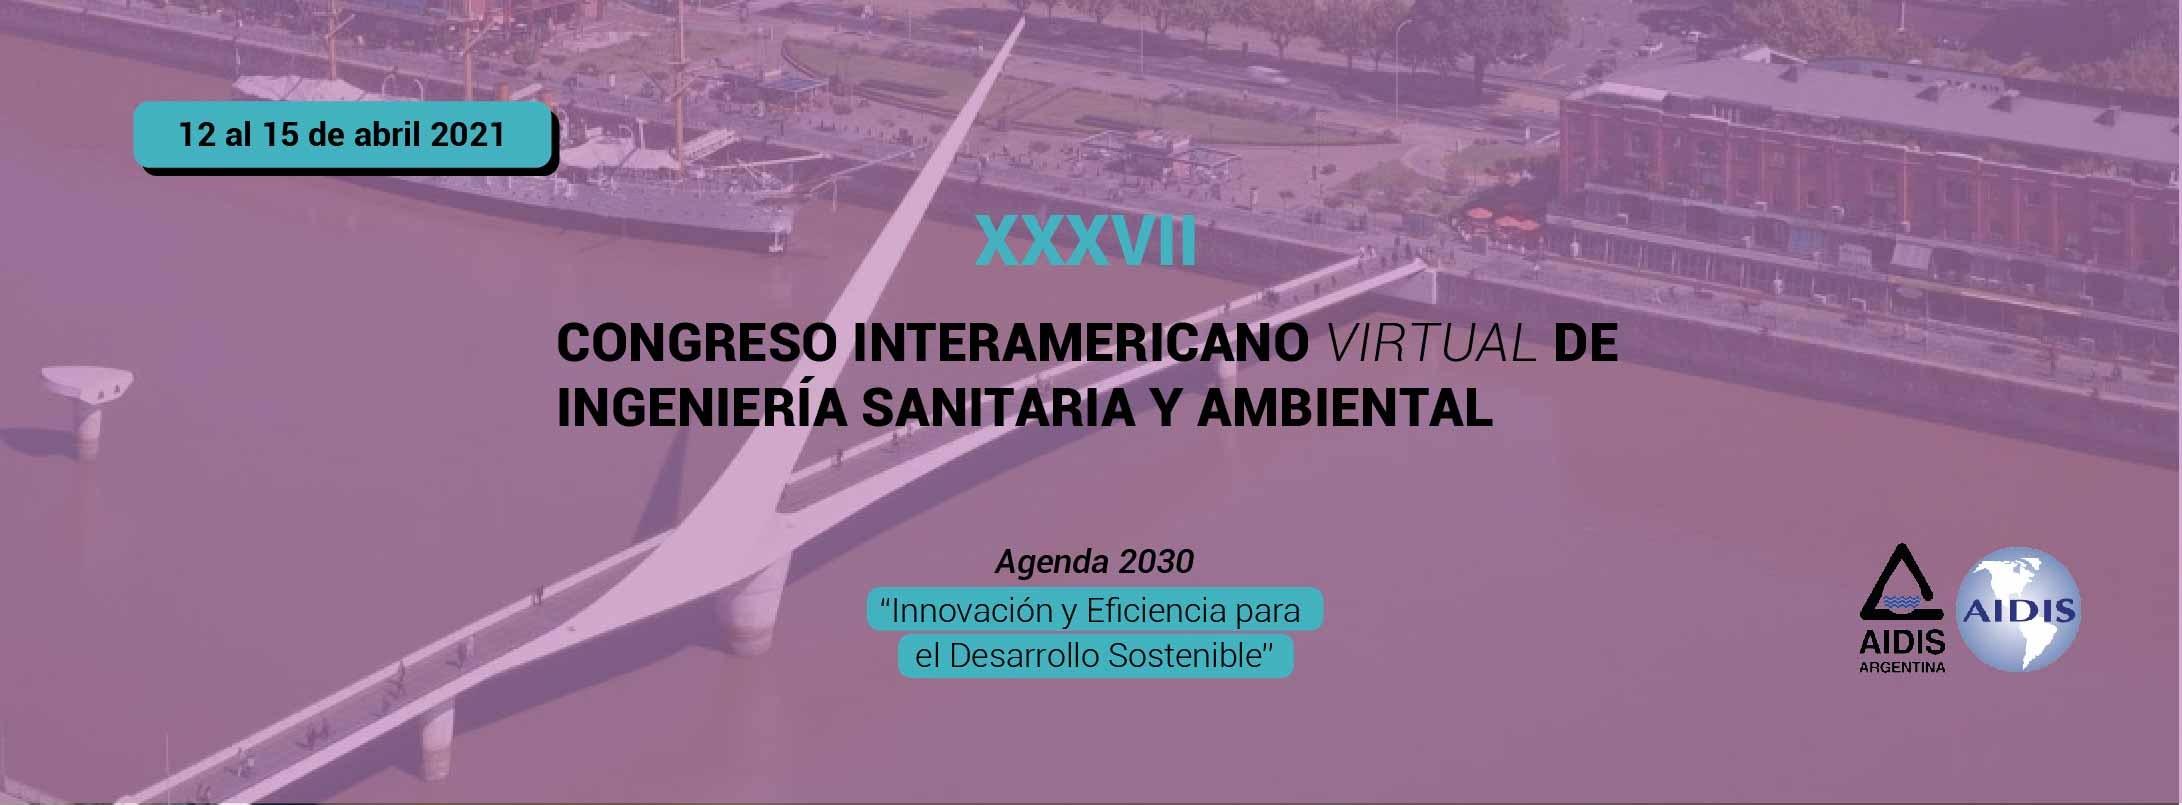 Congreso AIDIS Argentina 2021